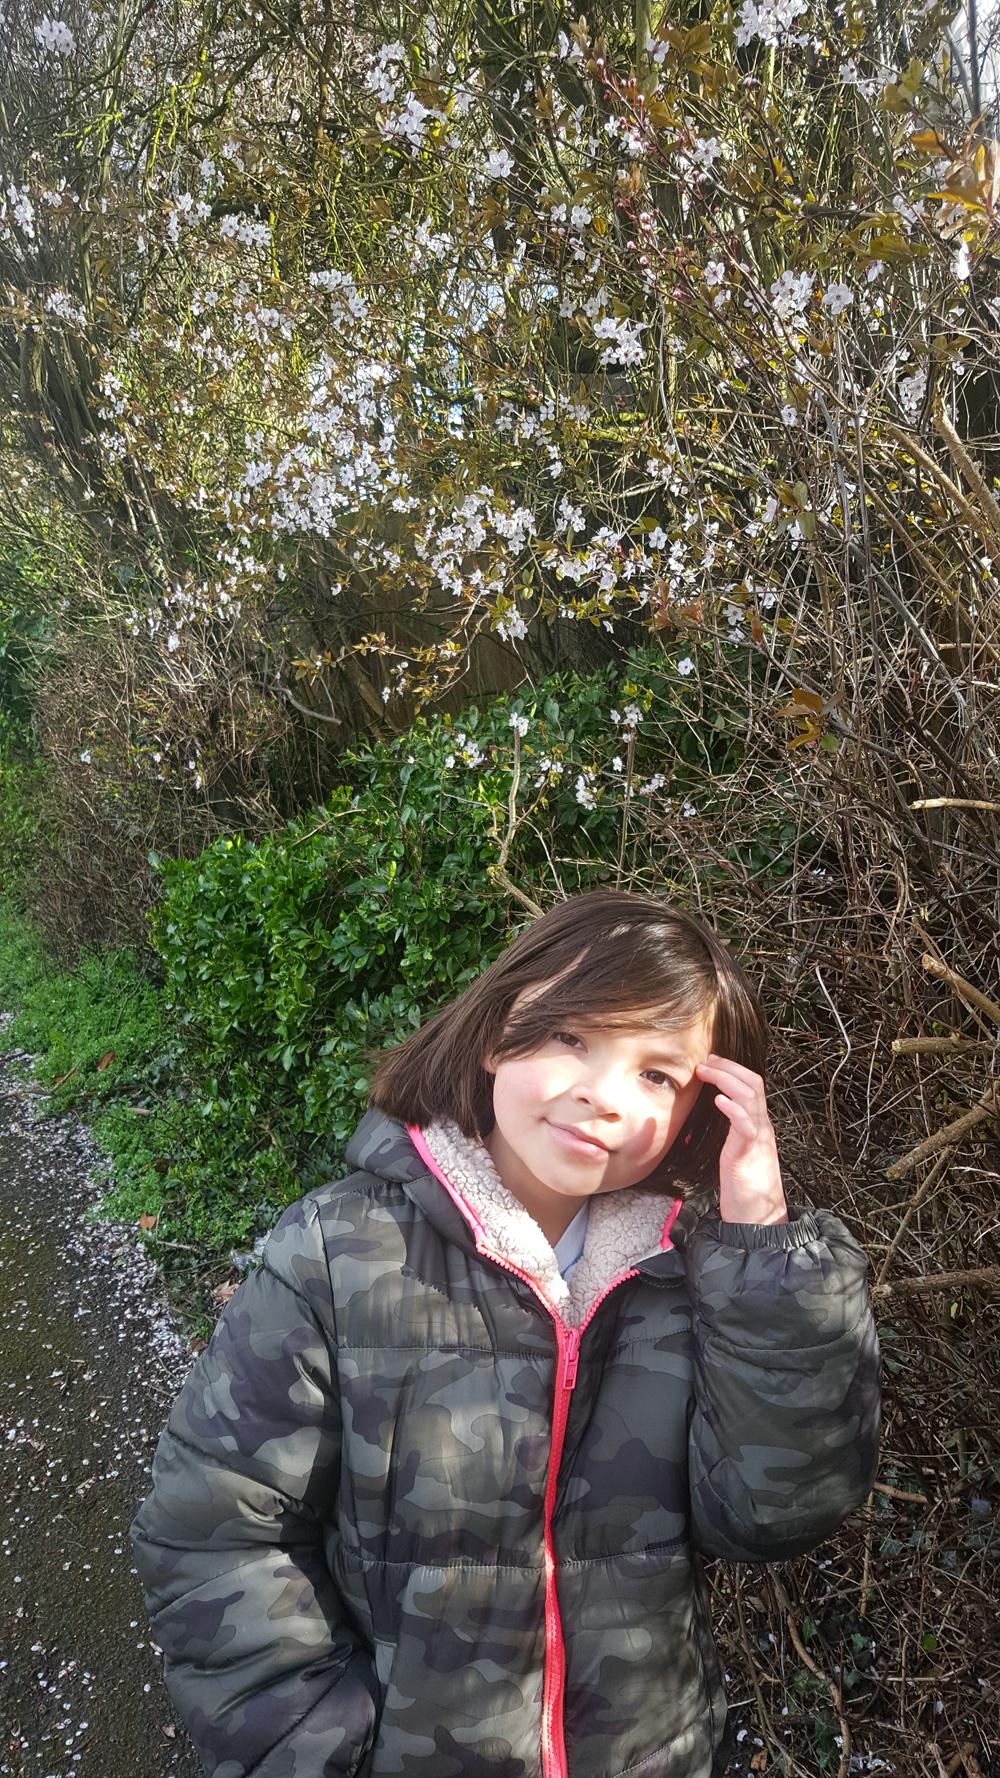 sutton england blossom tree mia